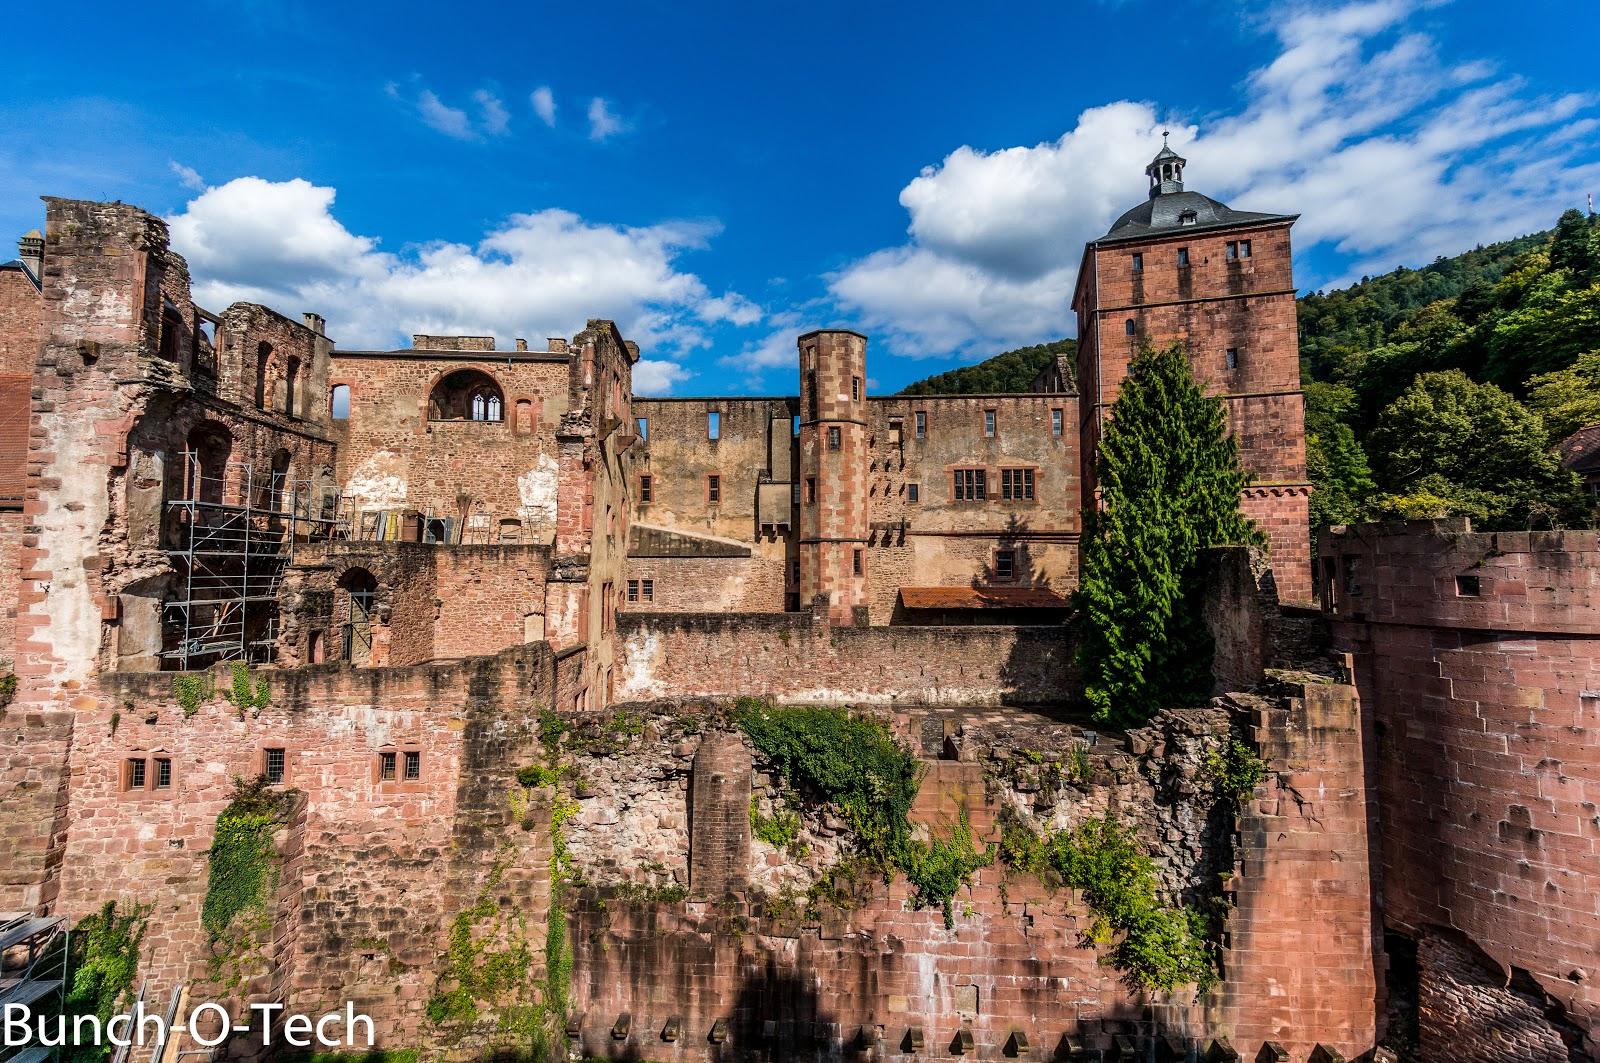 Heidelberg-85-August%2B30%2C%2B2014.jpg